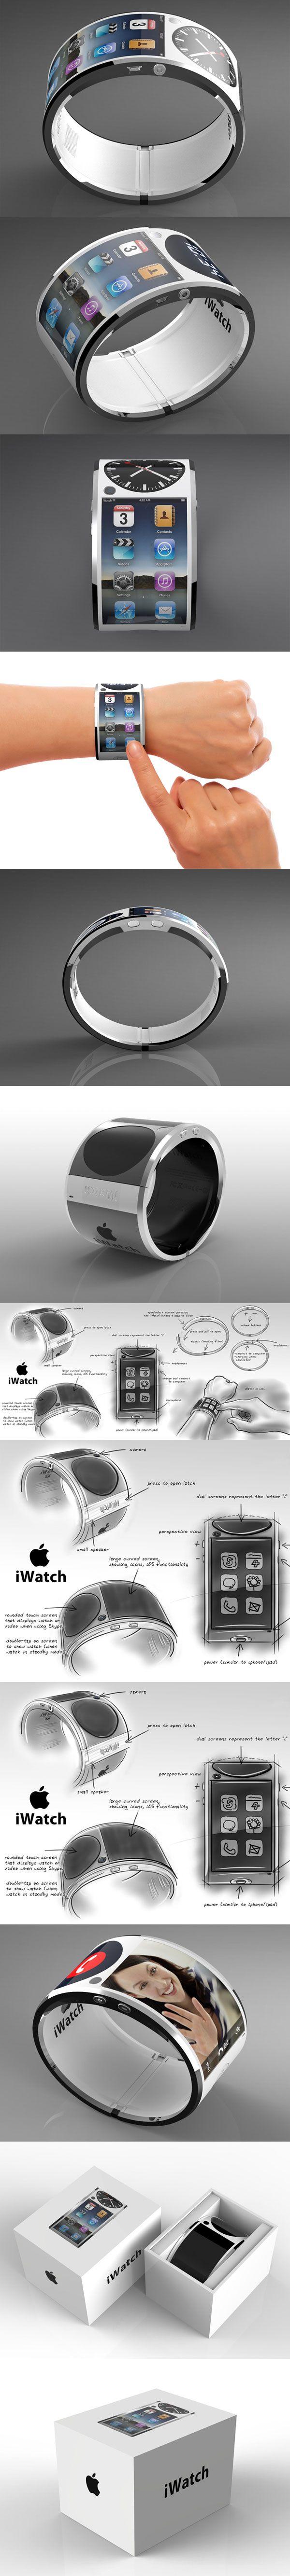 Een andere versie van de apple watch is de iwatch. Deze lijkt niet zo gebruiksvriendelijk vanwege het scherm dat 180 gebogen is waardoor je steeds je pols moet bewegen als je van klok naar apps gaat bijvoorbeeld.